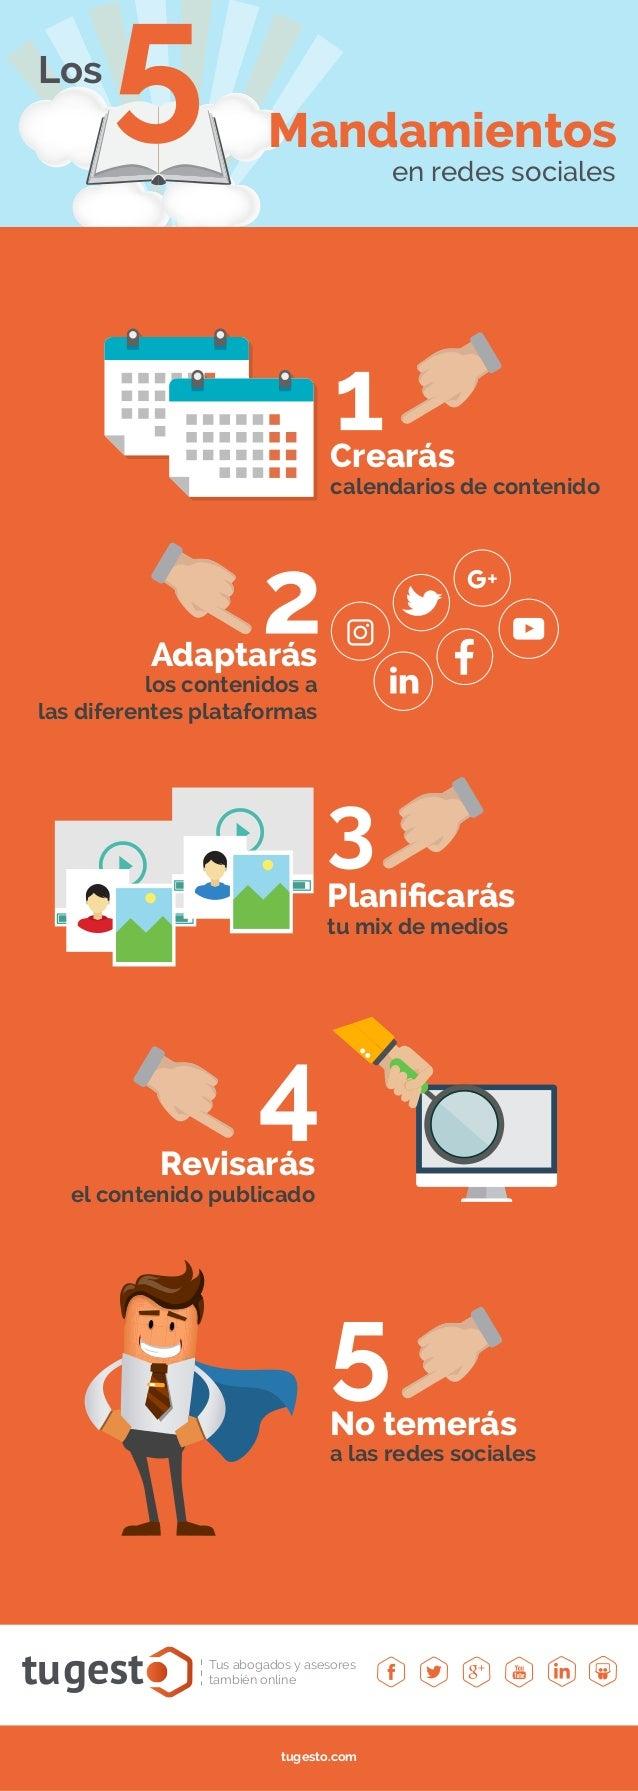 tu Tus abogados y asesores también online tugesto.com en redes sociales 5Los Mandamientos Crearás calendarios de contenido...